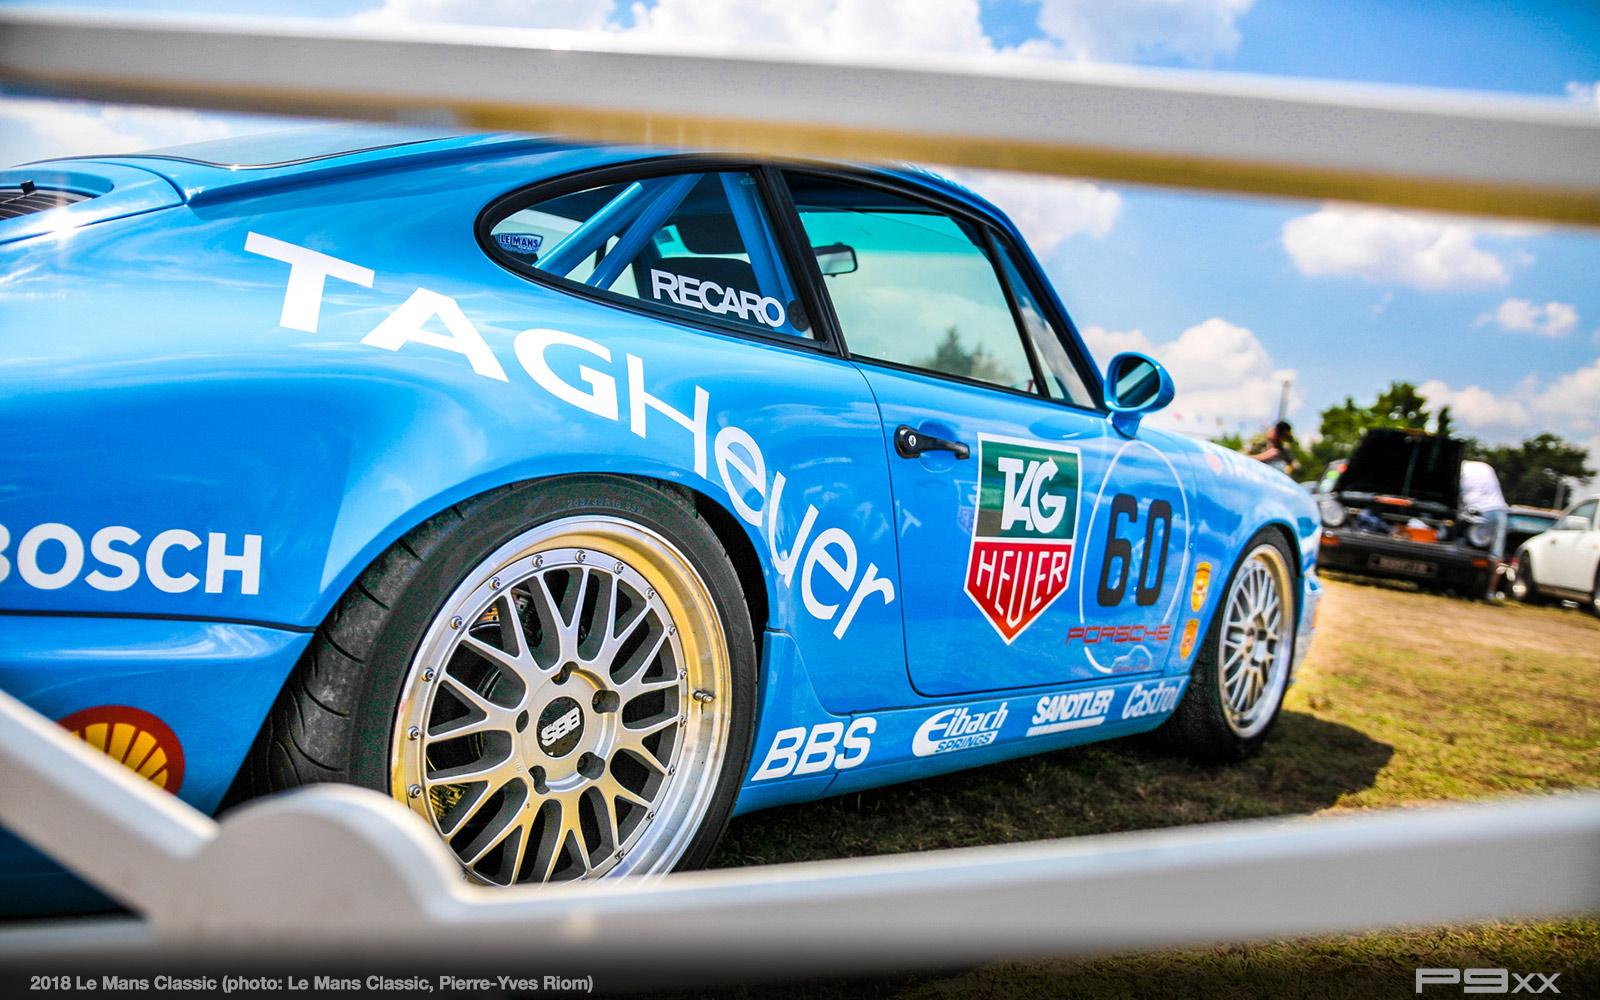 2018-Le-Mans-Classic-Porsche-346